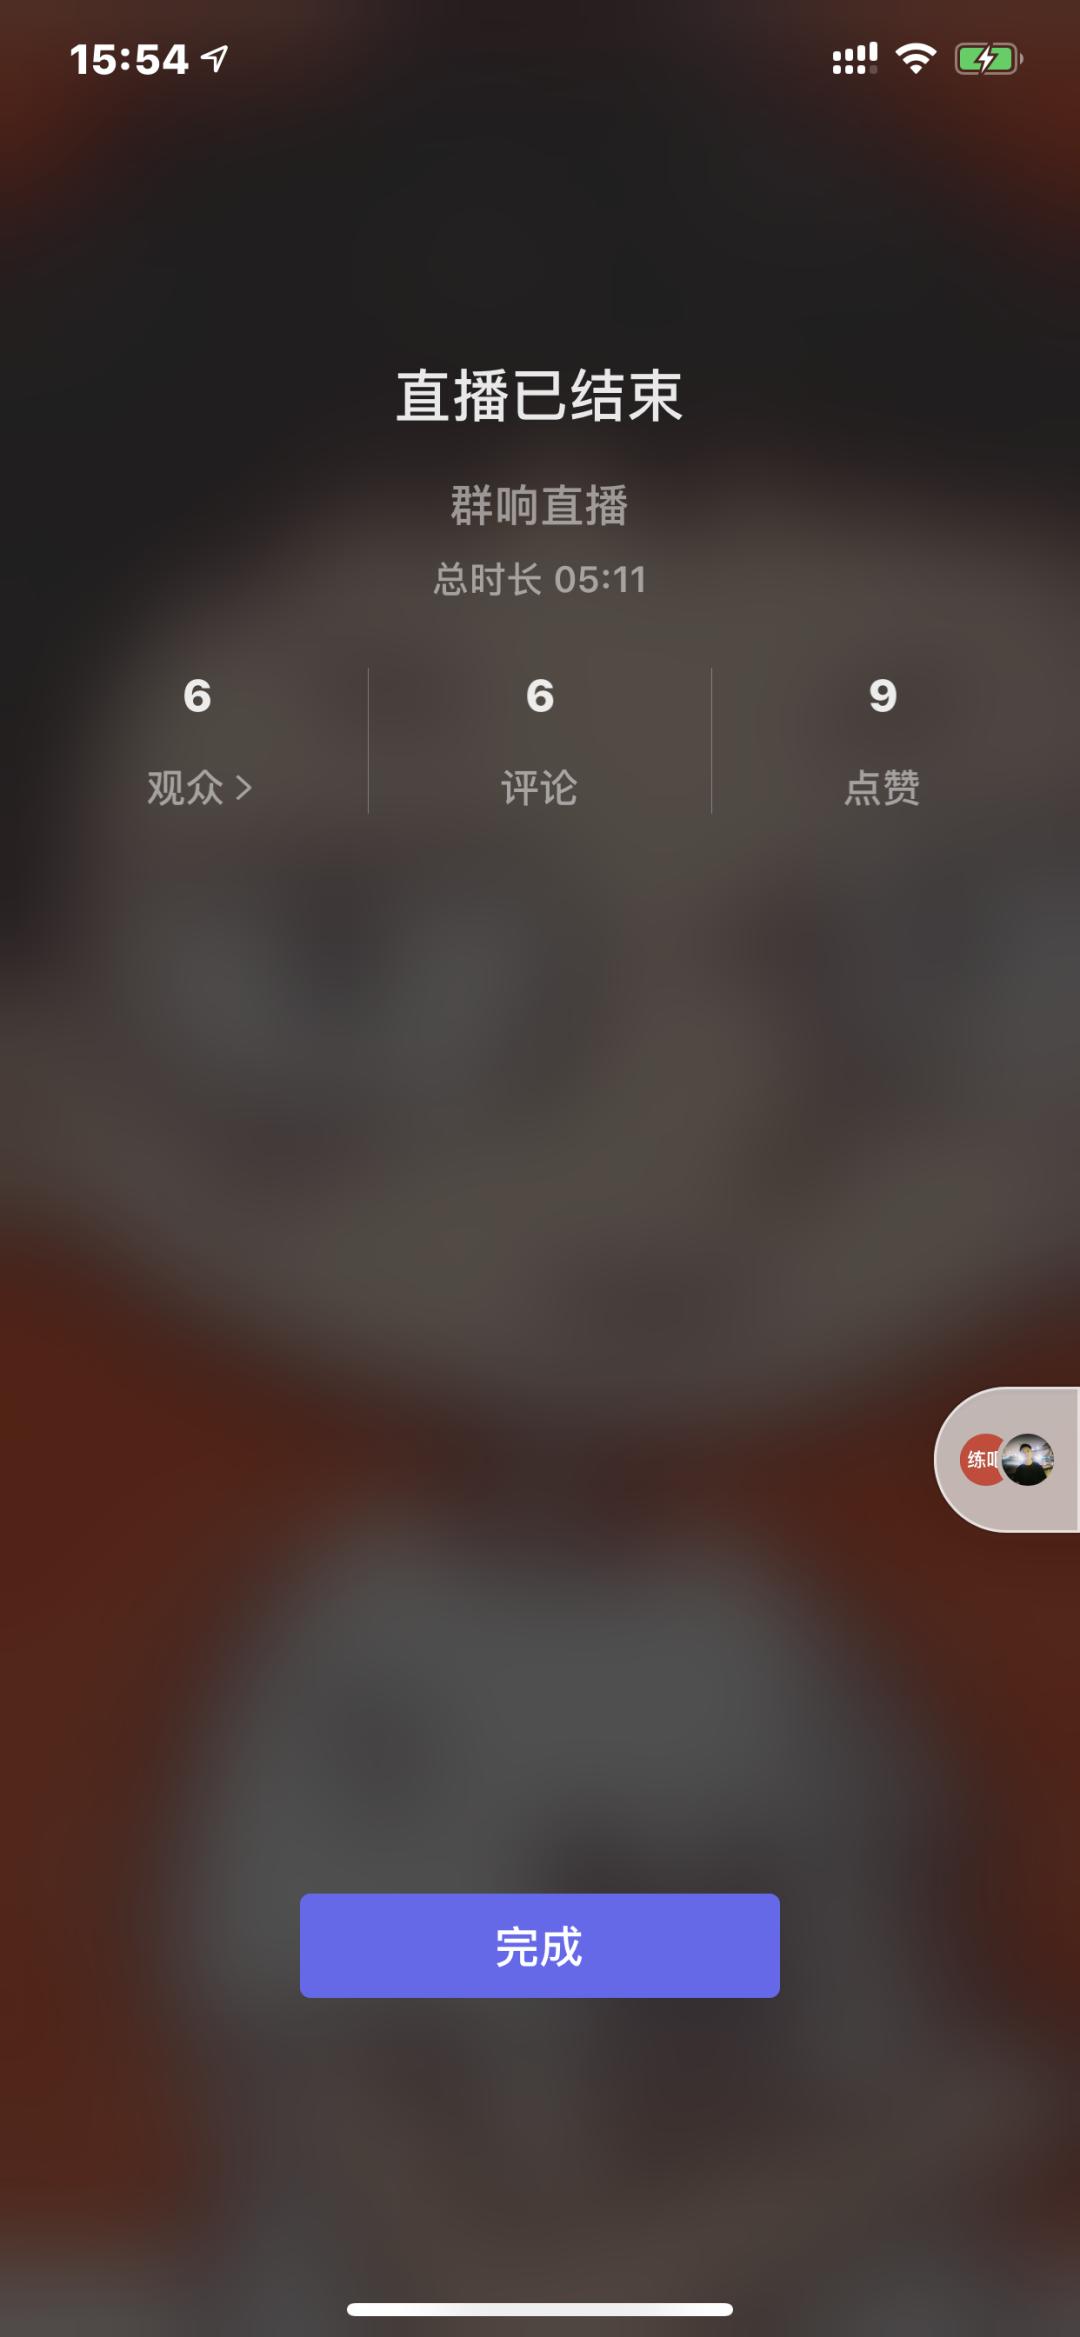 鳥哥筆記,新媒體運營,劉思毅,視頻工具,分享,微信